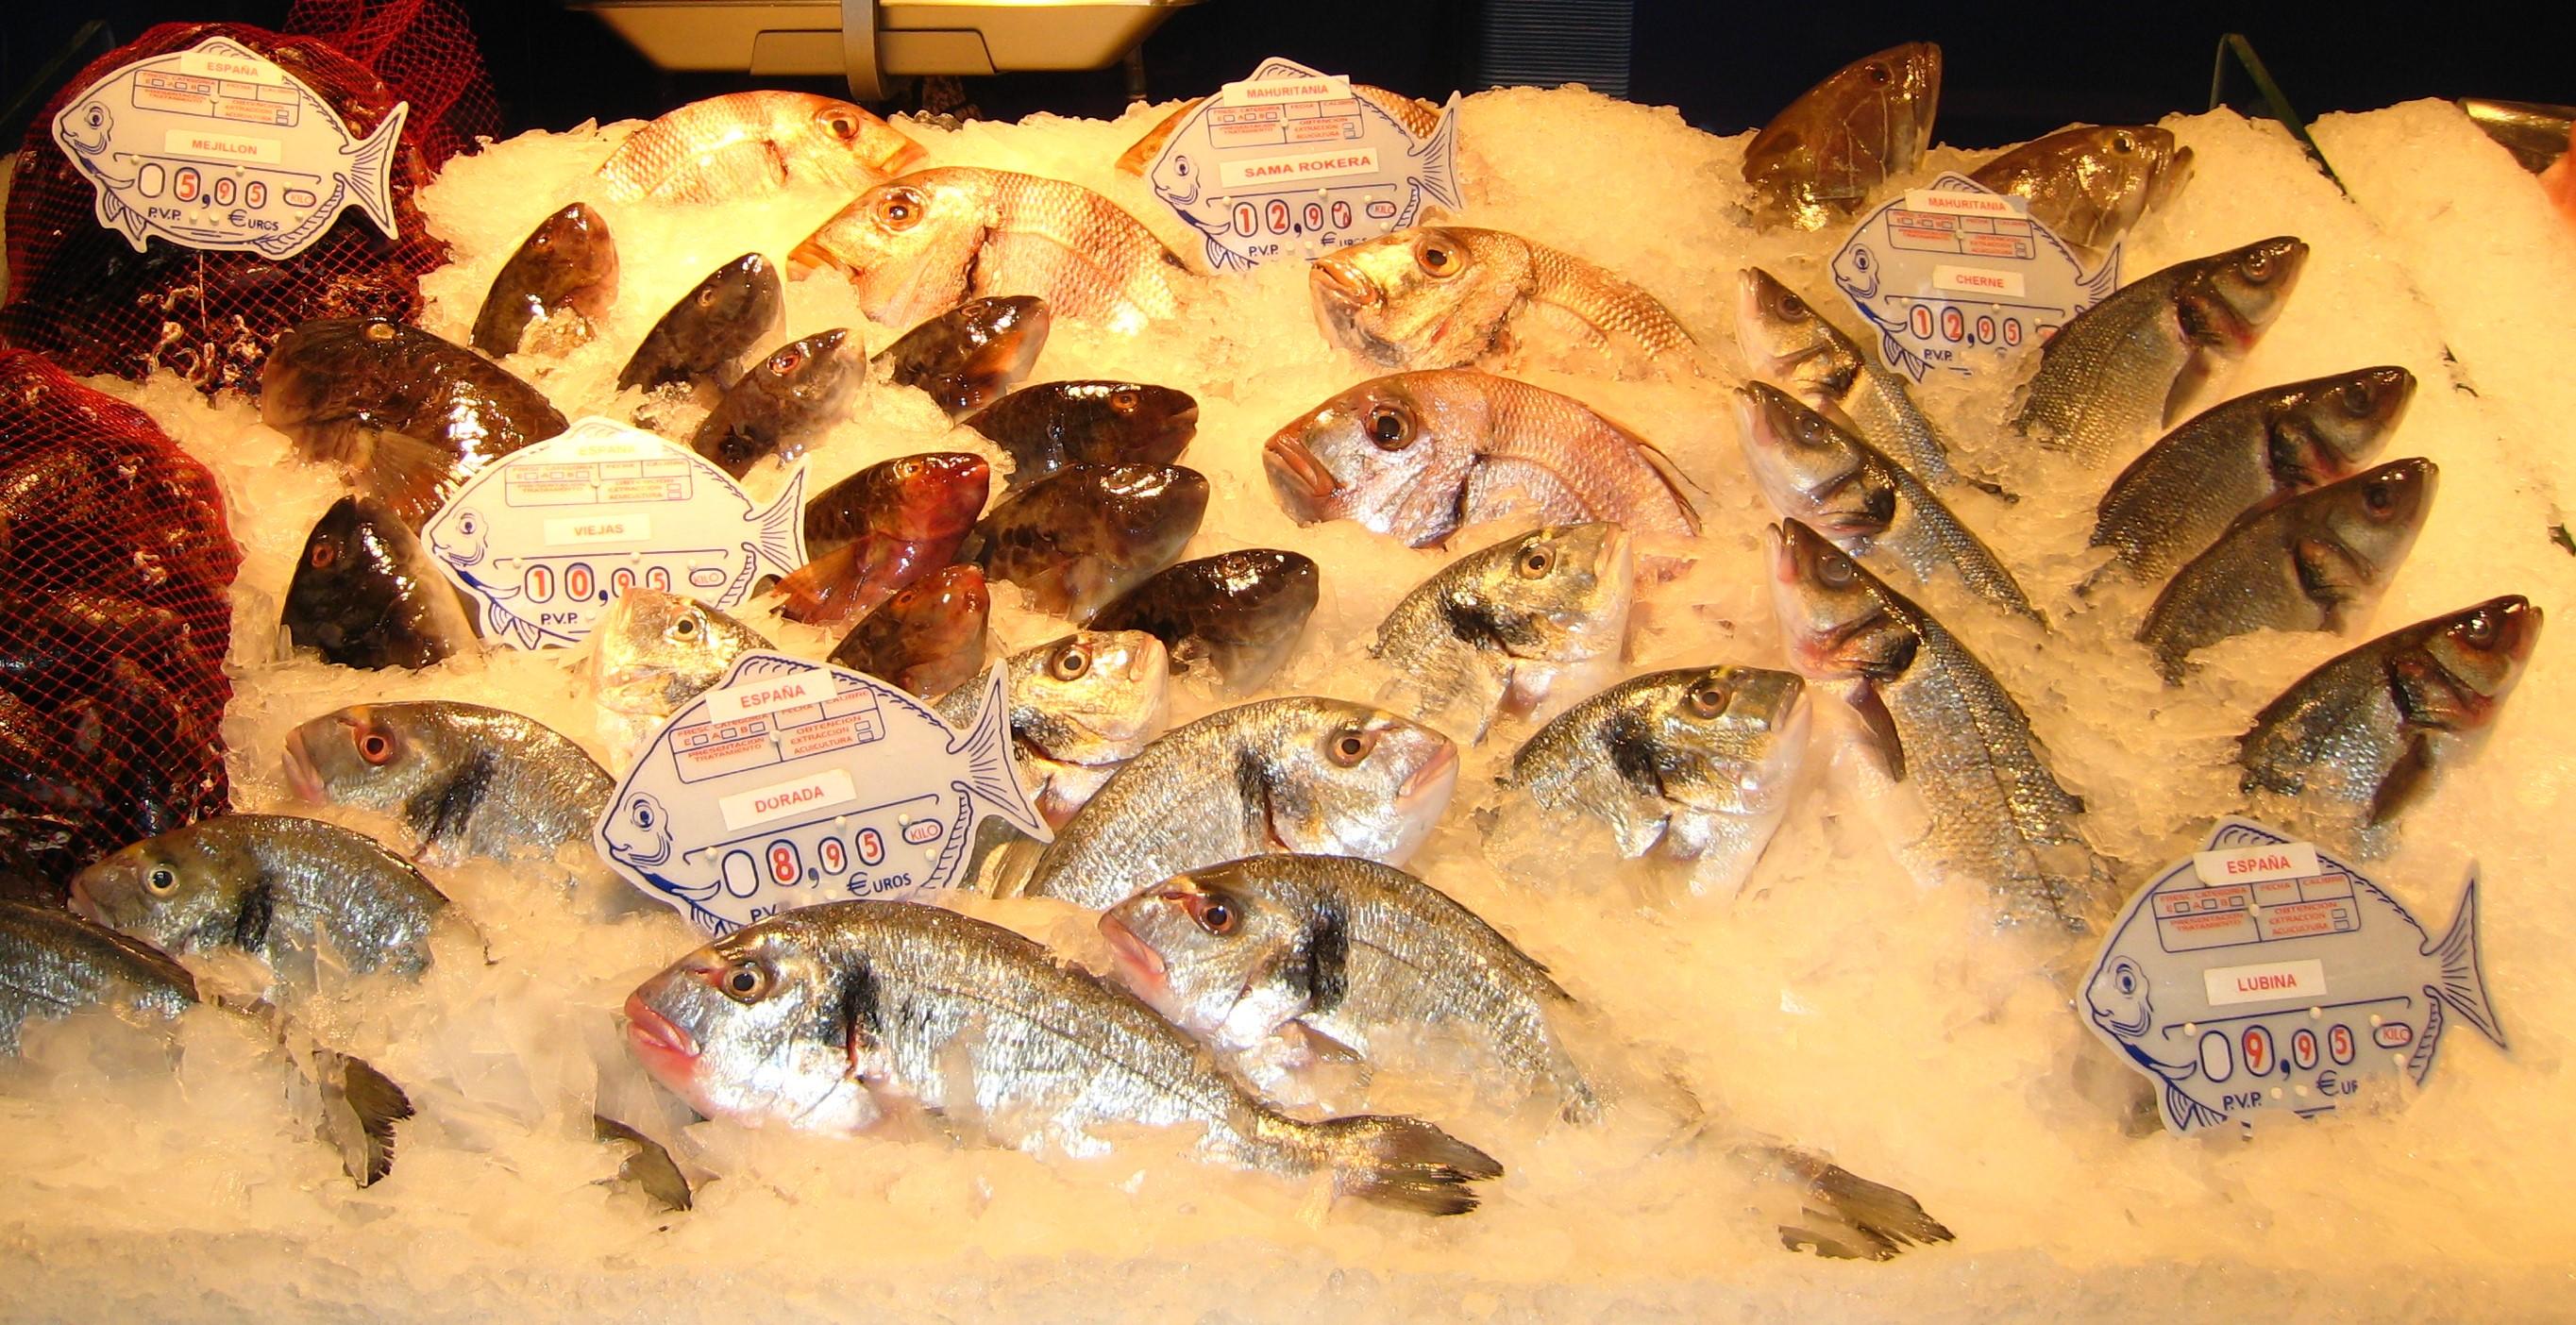 Mer fisk til folket!